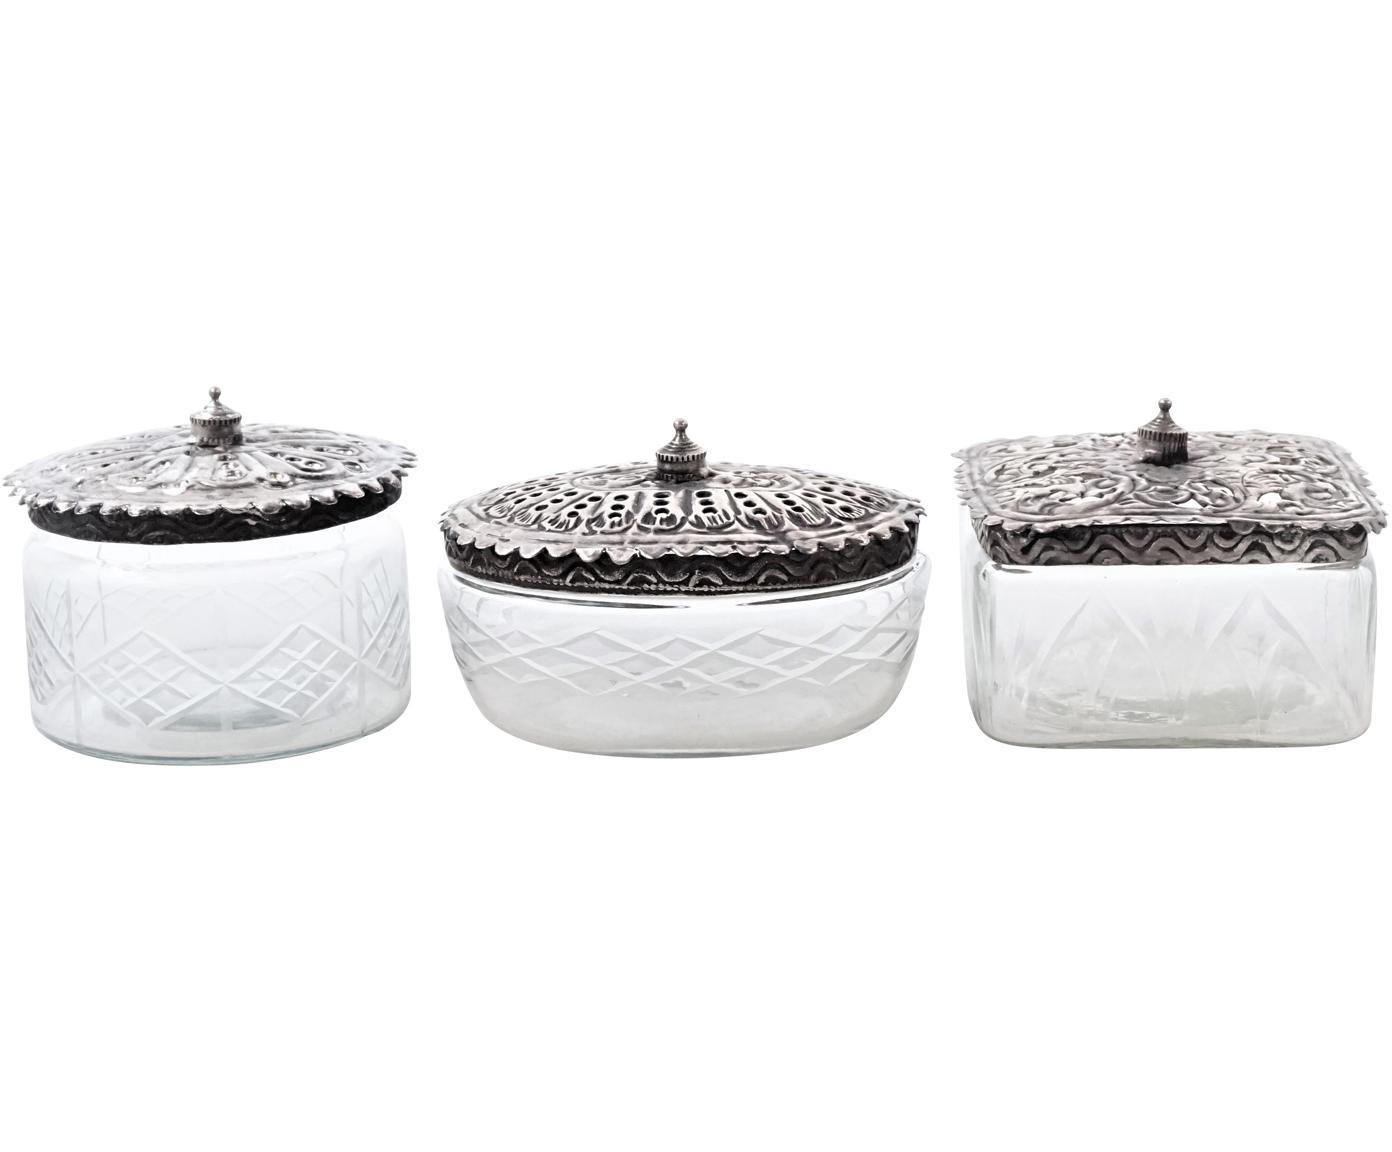 Aufbewahrungsdosen-Set Alhambra, 3-tlg., Dosen: Glas, Deckel: Metall, Transparent, Schwarz, Sondergrößen